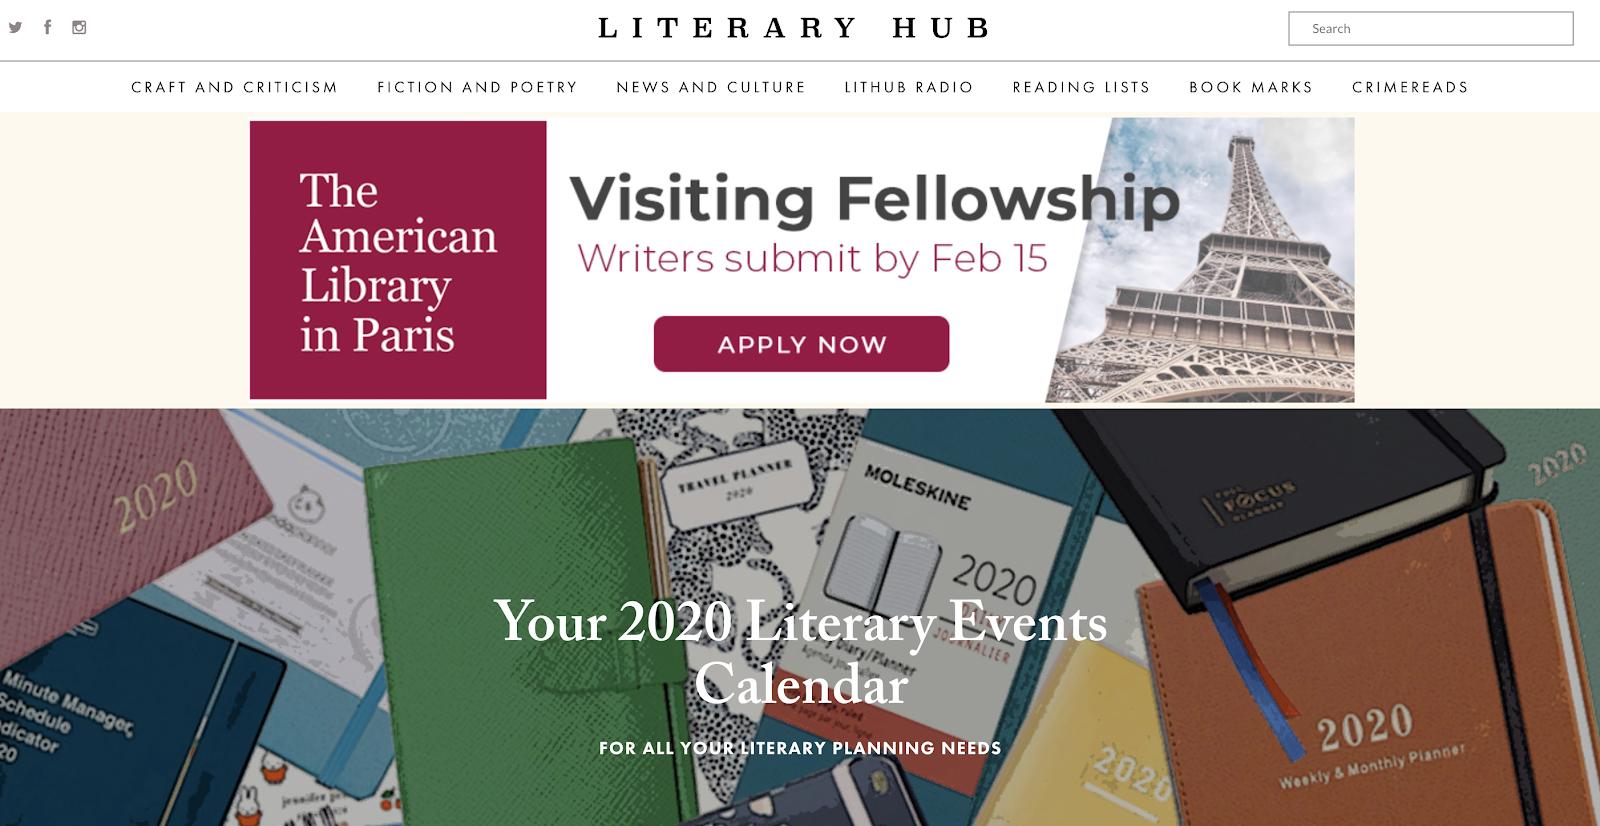 Esempio di schermata della homepage dell'hub letterario